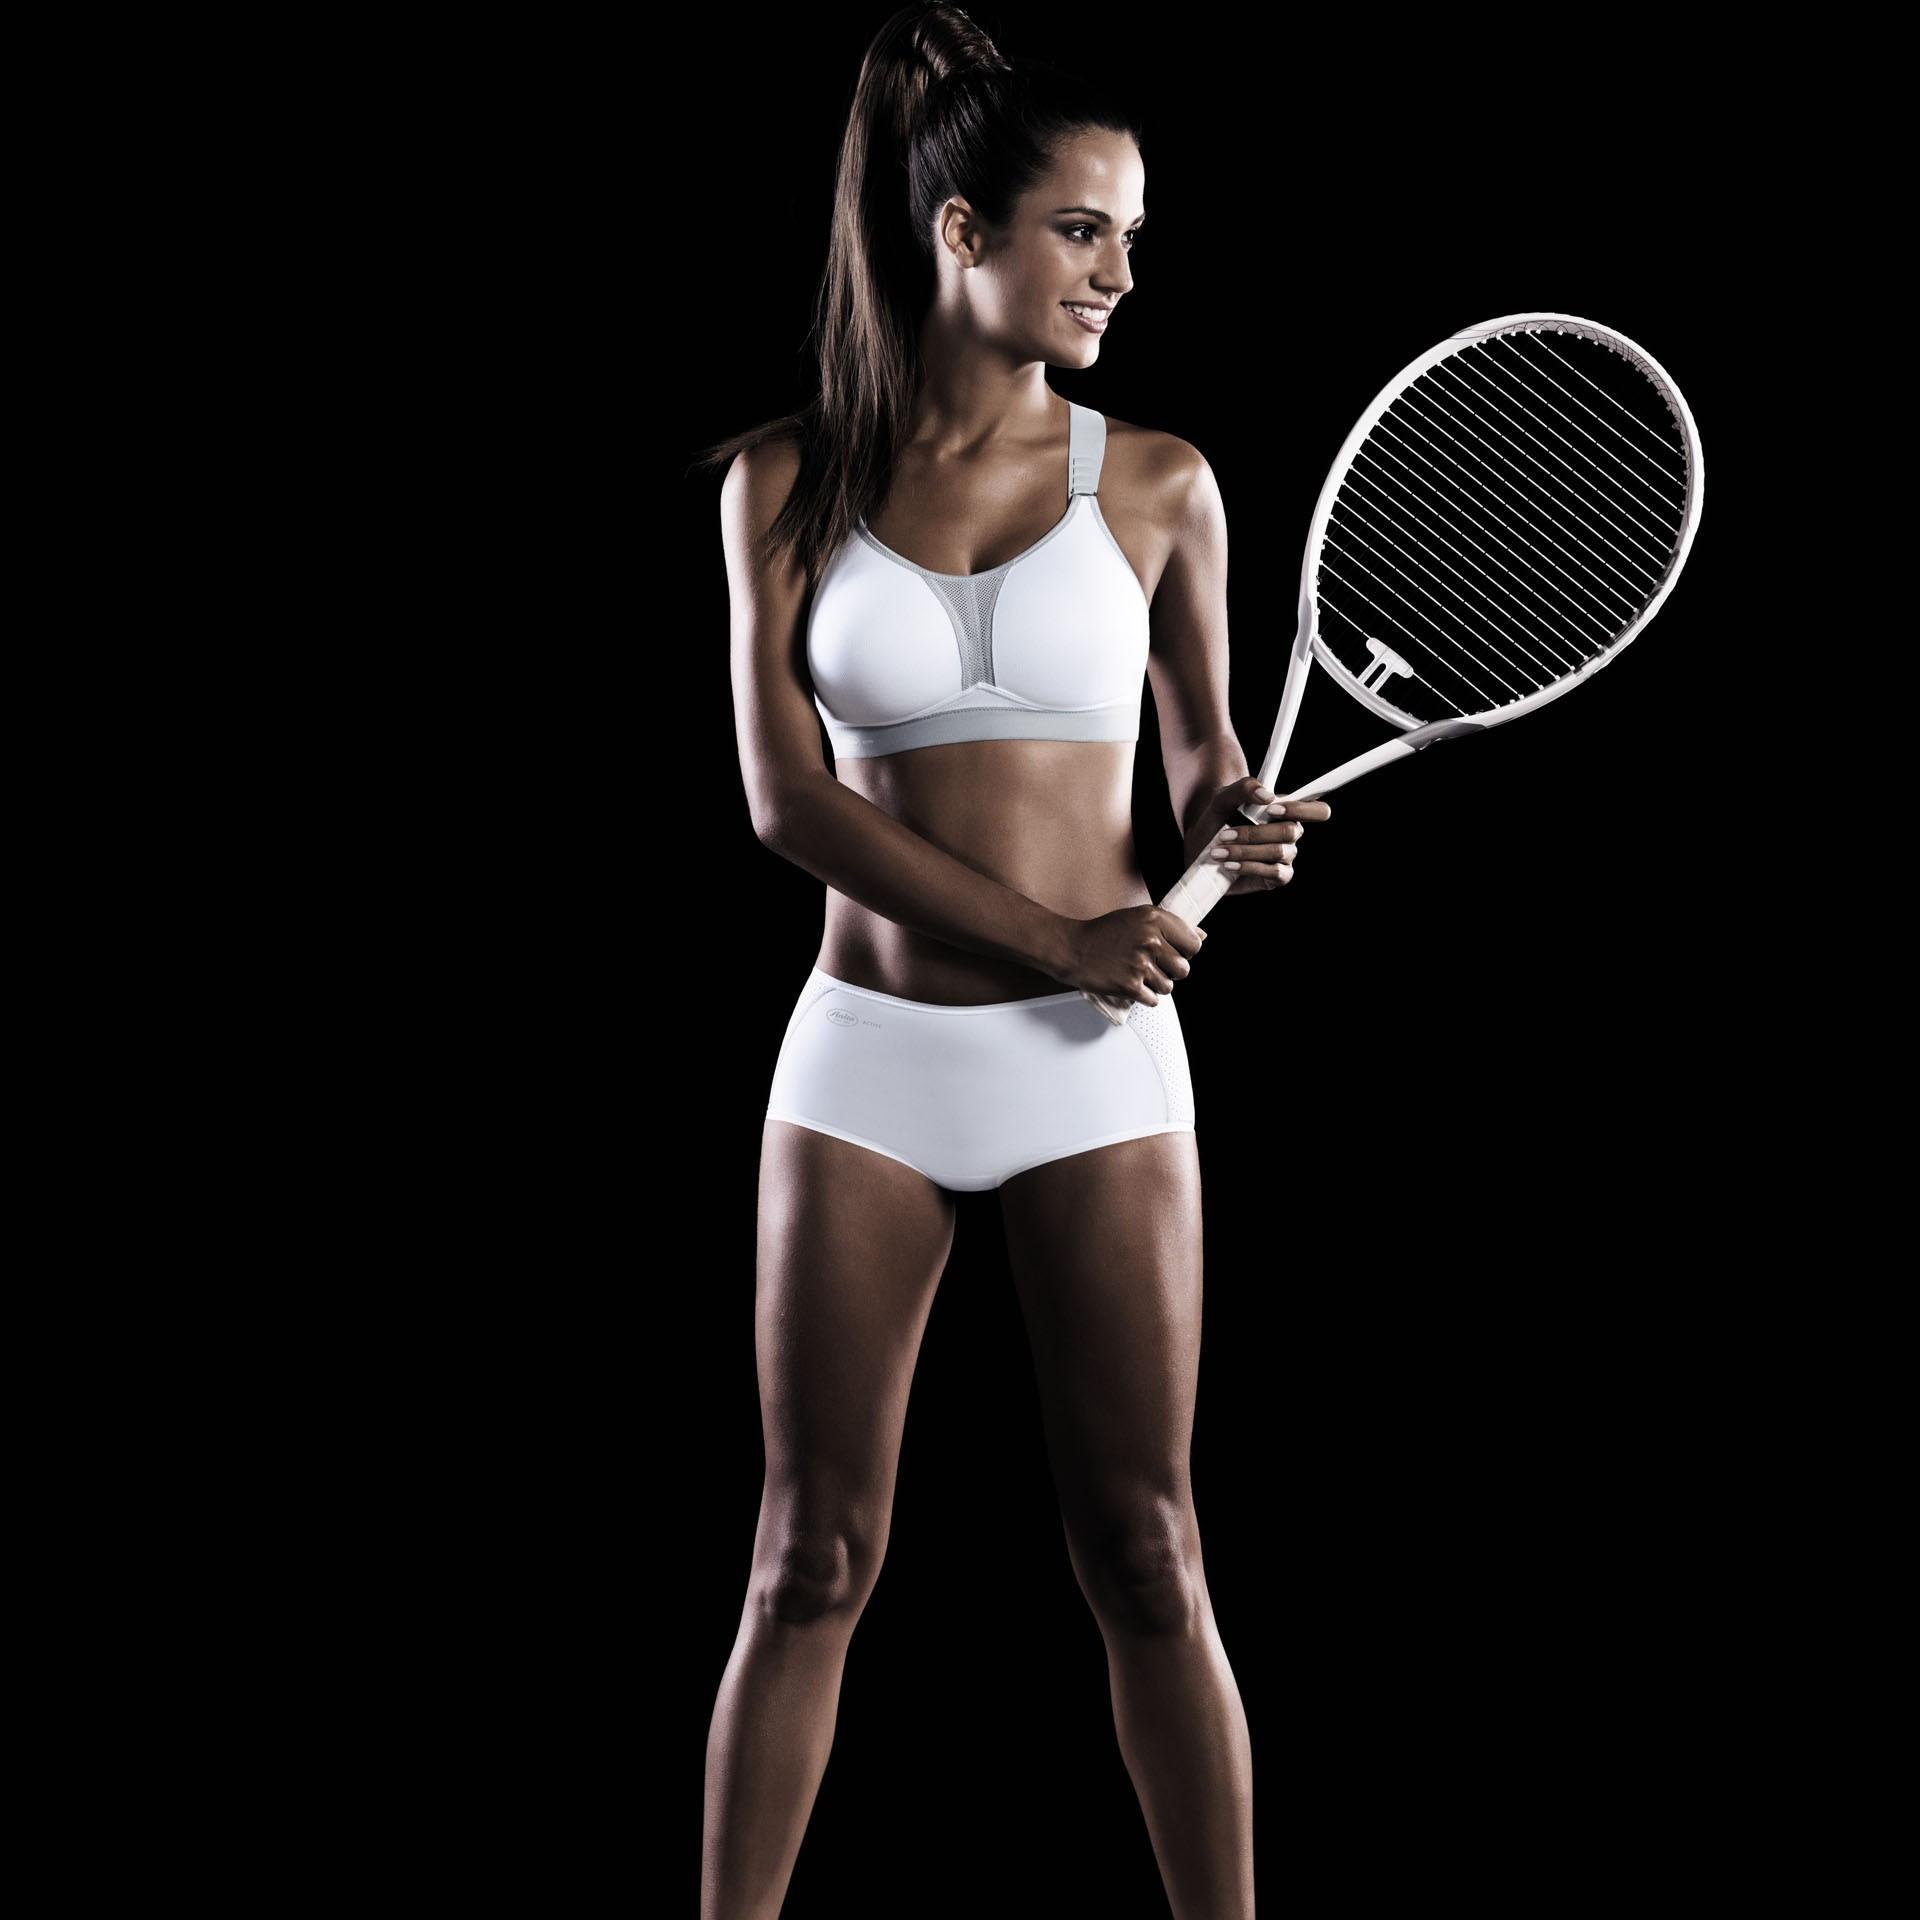 Sportovní podprsenka DynamiX Star 5537 - Anita Barva: bílá s šedou, Velikost: 75A